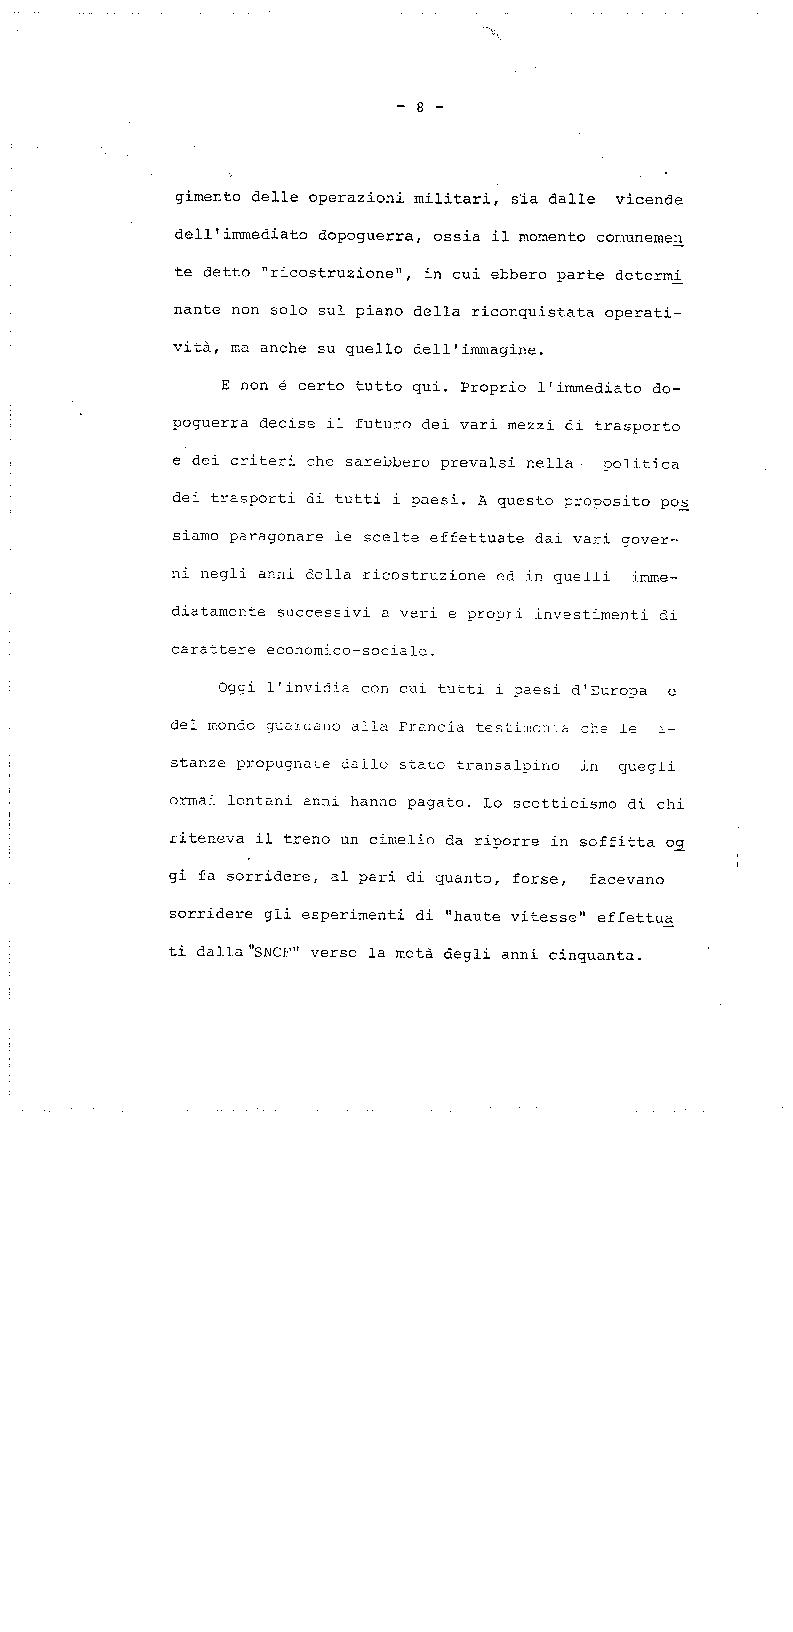 Anteprima della tesi: La trasformazione delle Ferrovie dello Stato - Legge 210/85, Pagina 8